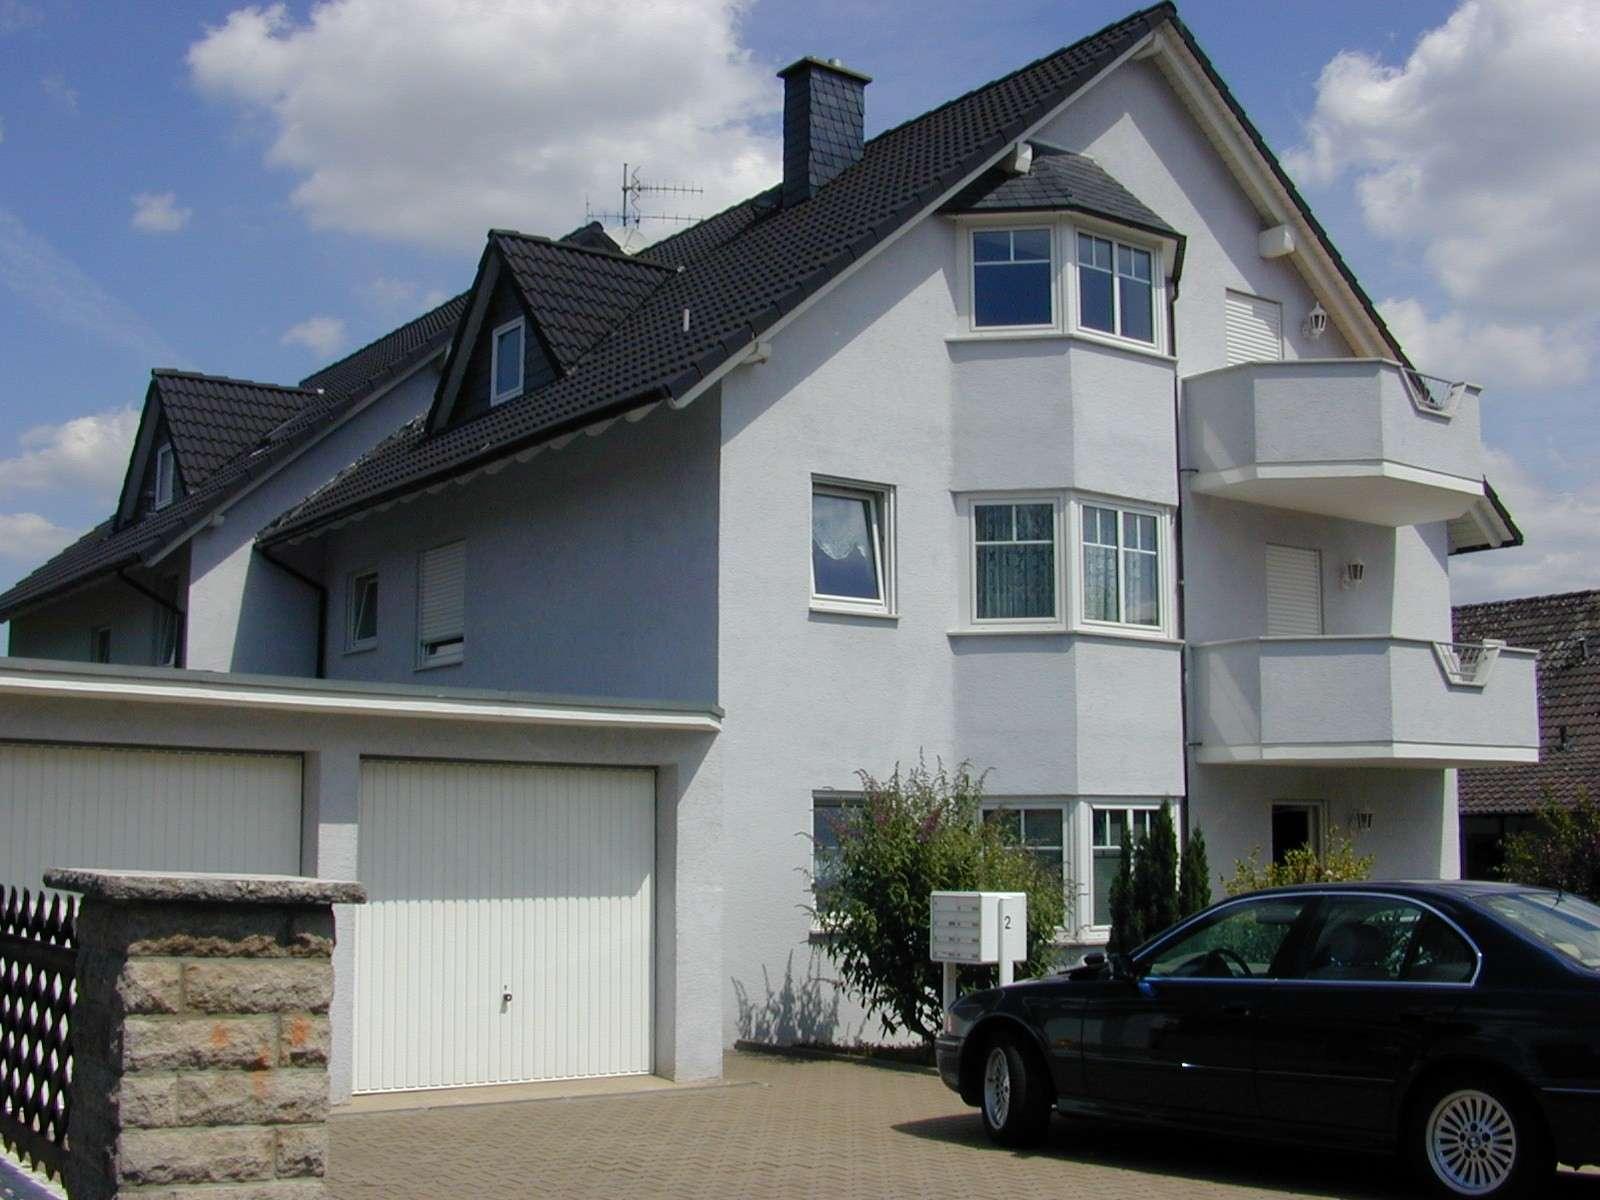 Schöne Wohnung mit zwei Zimmern in Aschaffenburg (Kreis) in